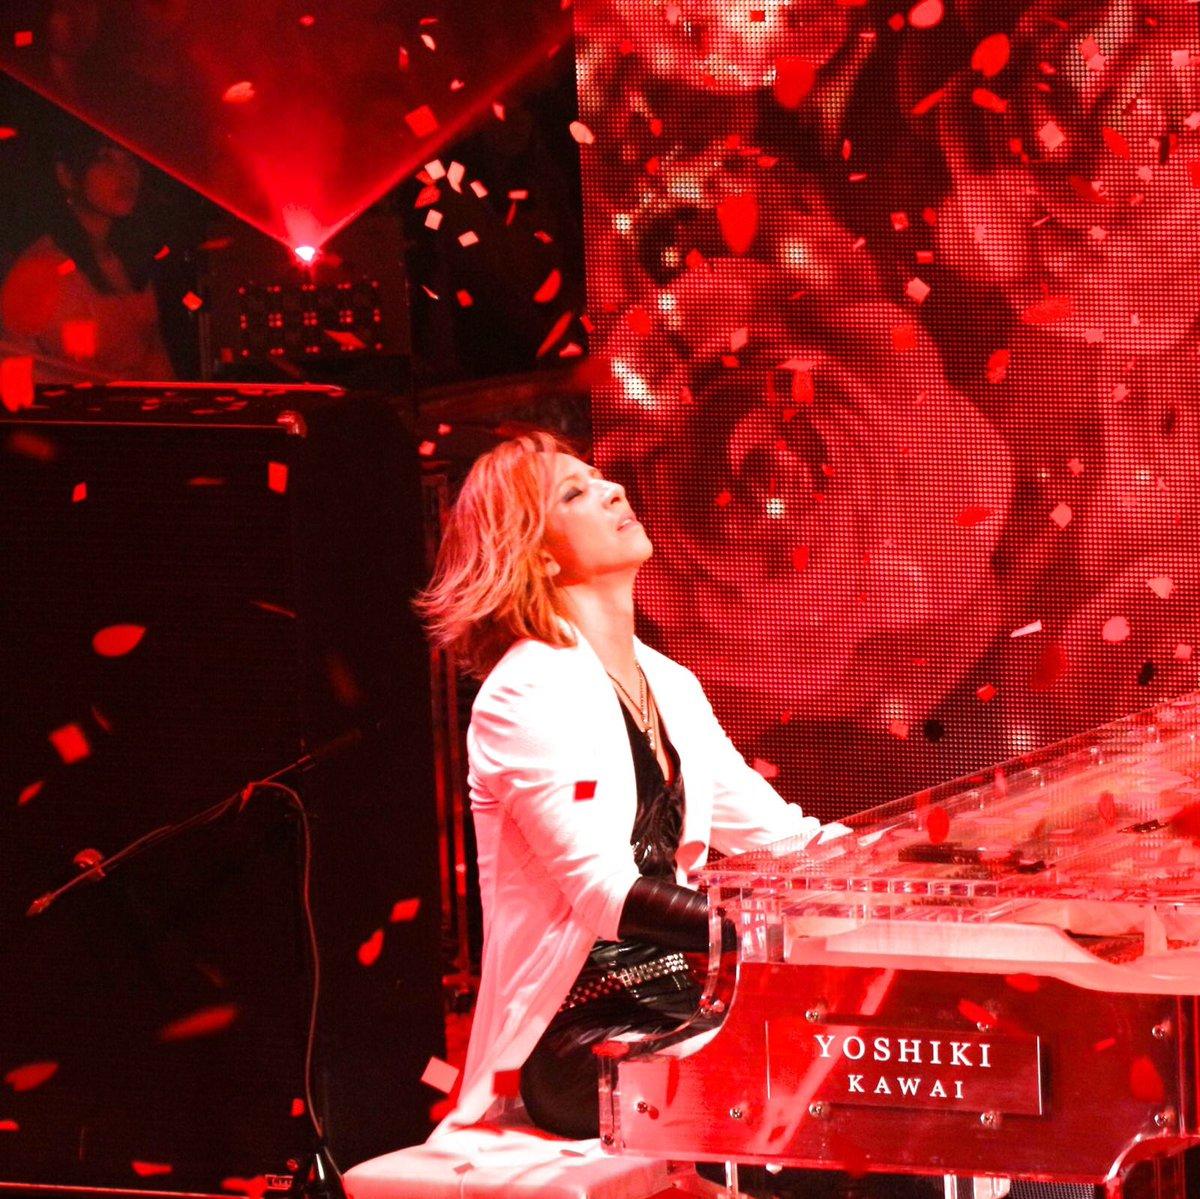 """test ツイッターメディア - 18日(月祝)昼12時『Mステ#ウルトラFES』10時間超生放送🔥 YOSHIKIソロのピアノにフルオーケストラで大トリを飾る✨演奏曲は『Forever Love""""生と死と愛と...""""Piano with Orchestra Version .』必見です‼️ #YOSHIKI https://t.co/SZmAPQuP5z"""